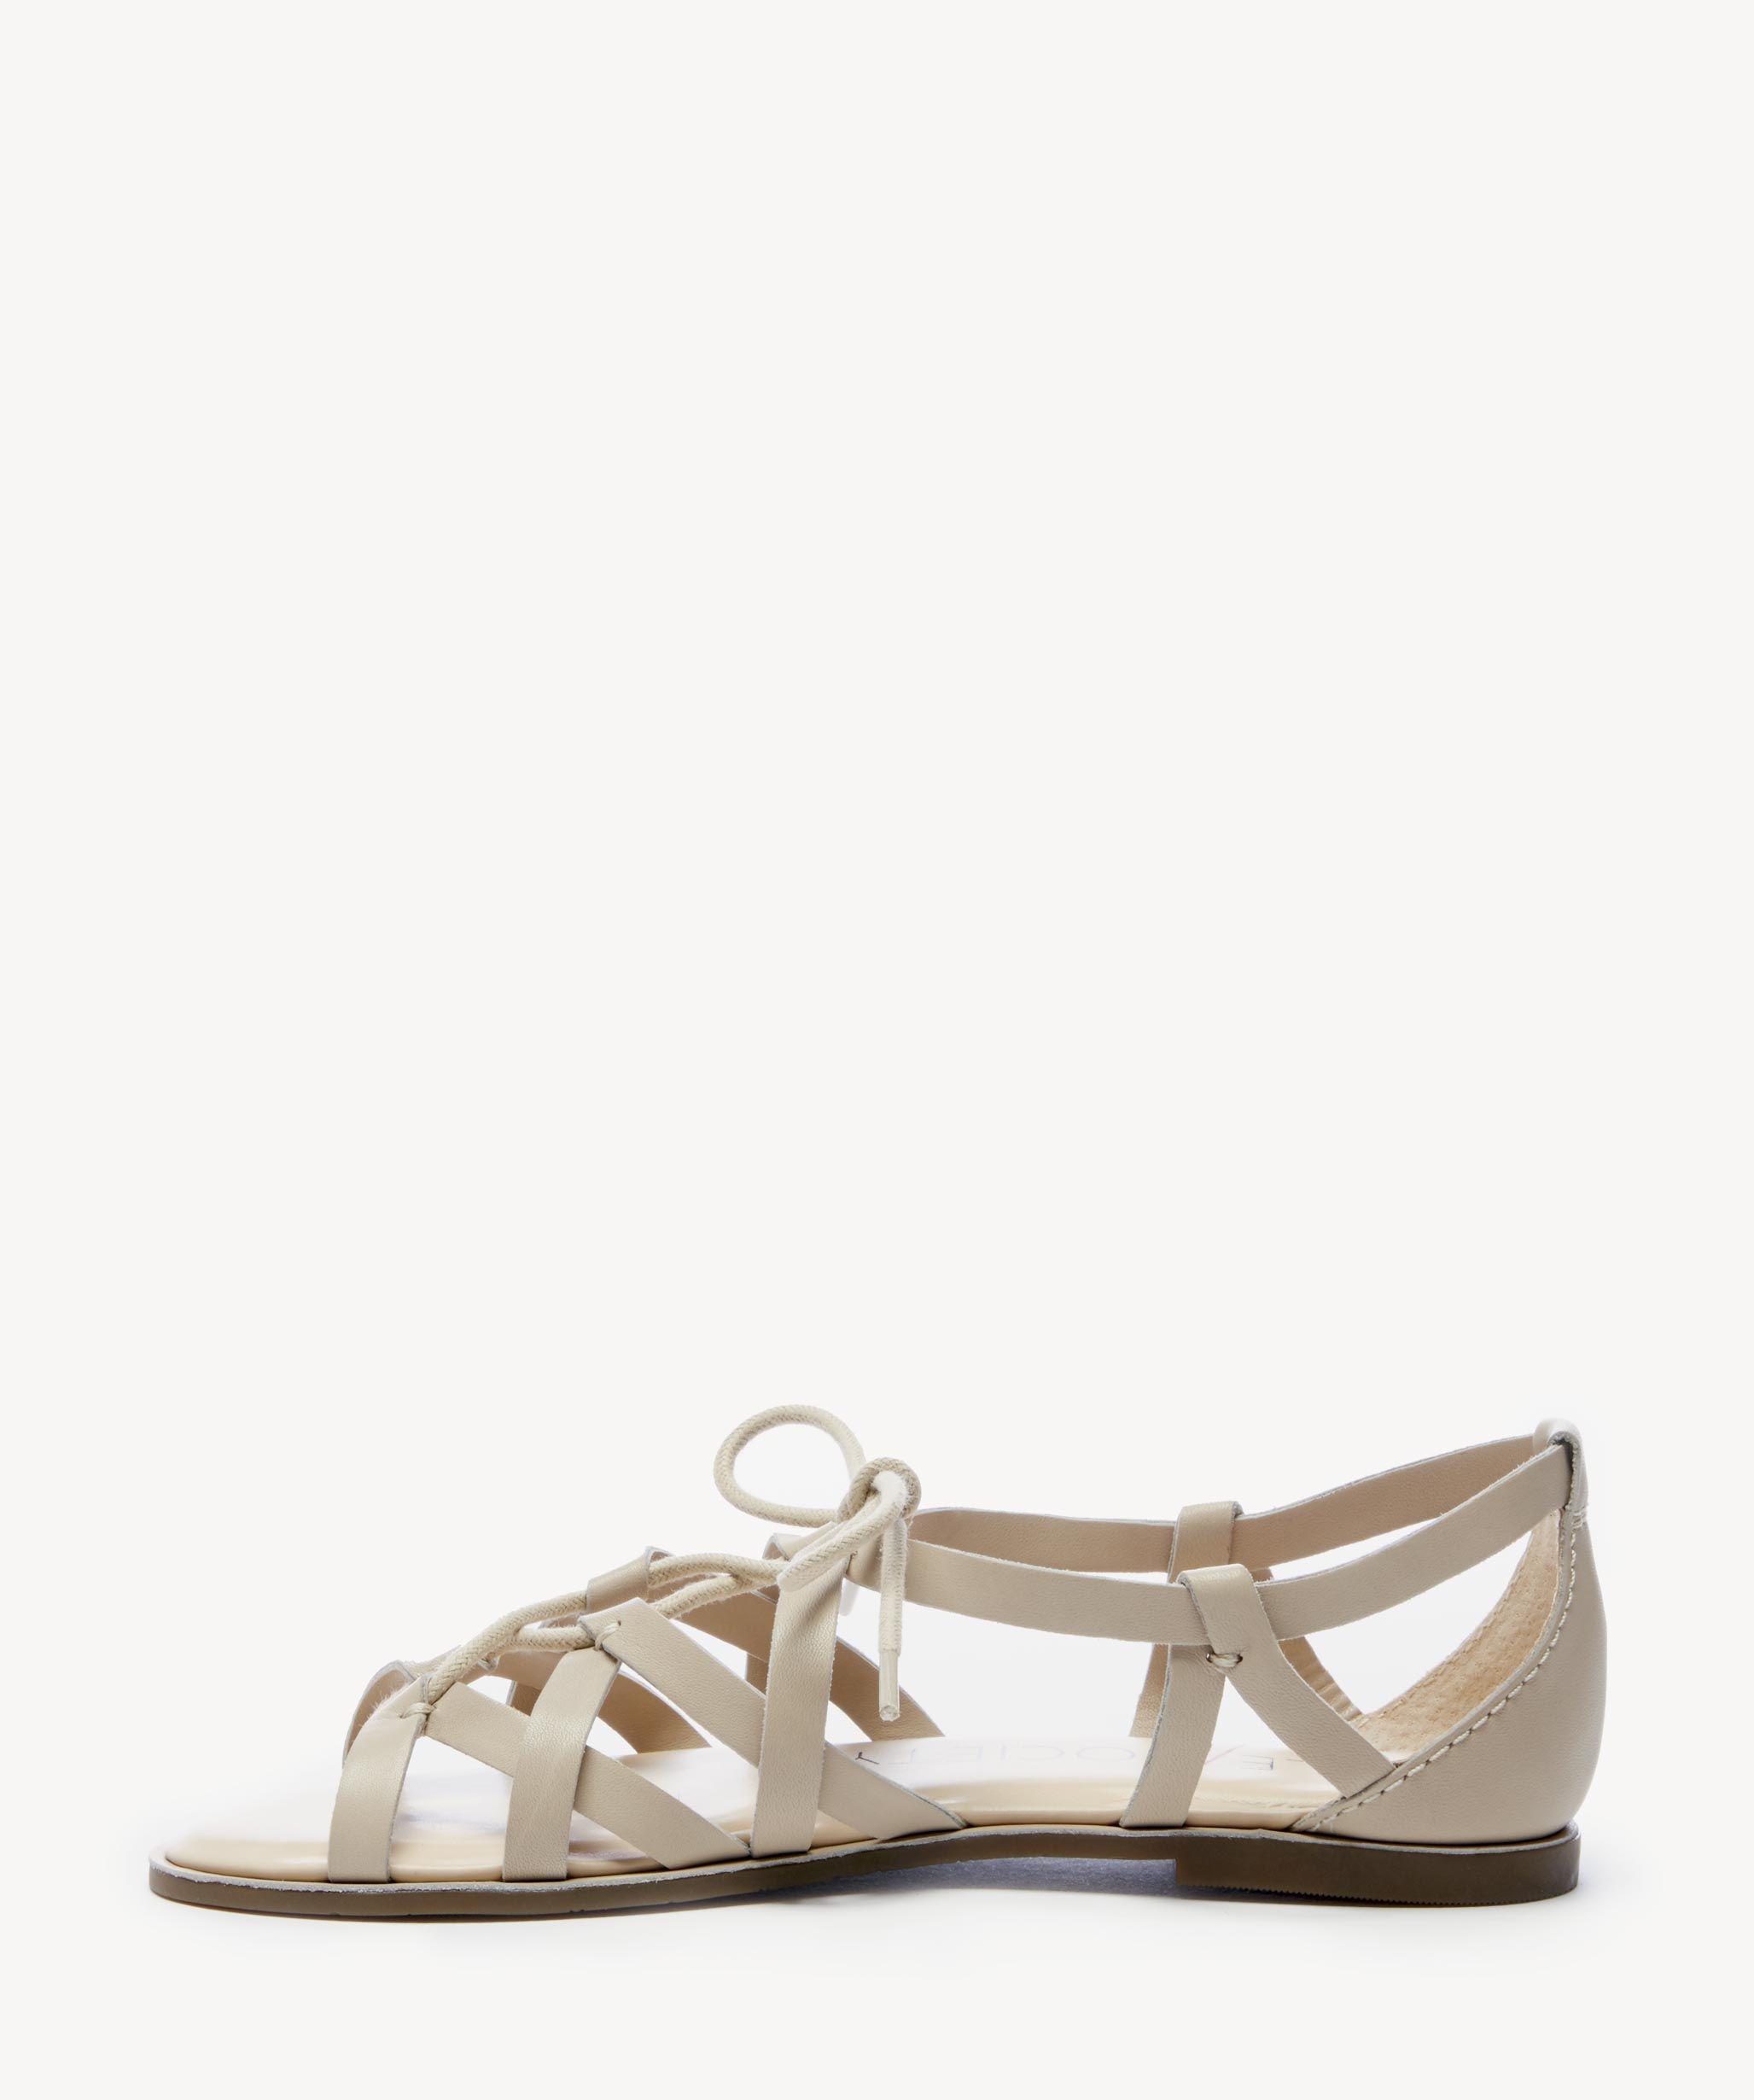 3eb829a766b0 Lyst - Sole Society Gillian Gladiator Flat Sandal